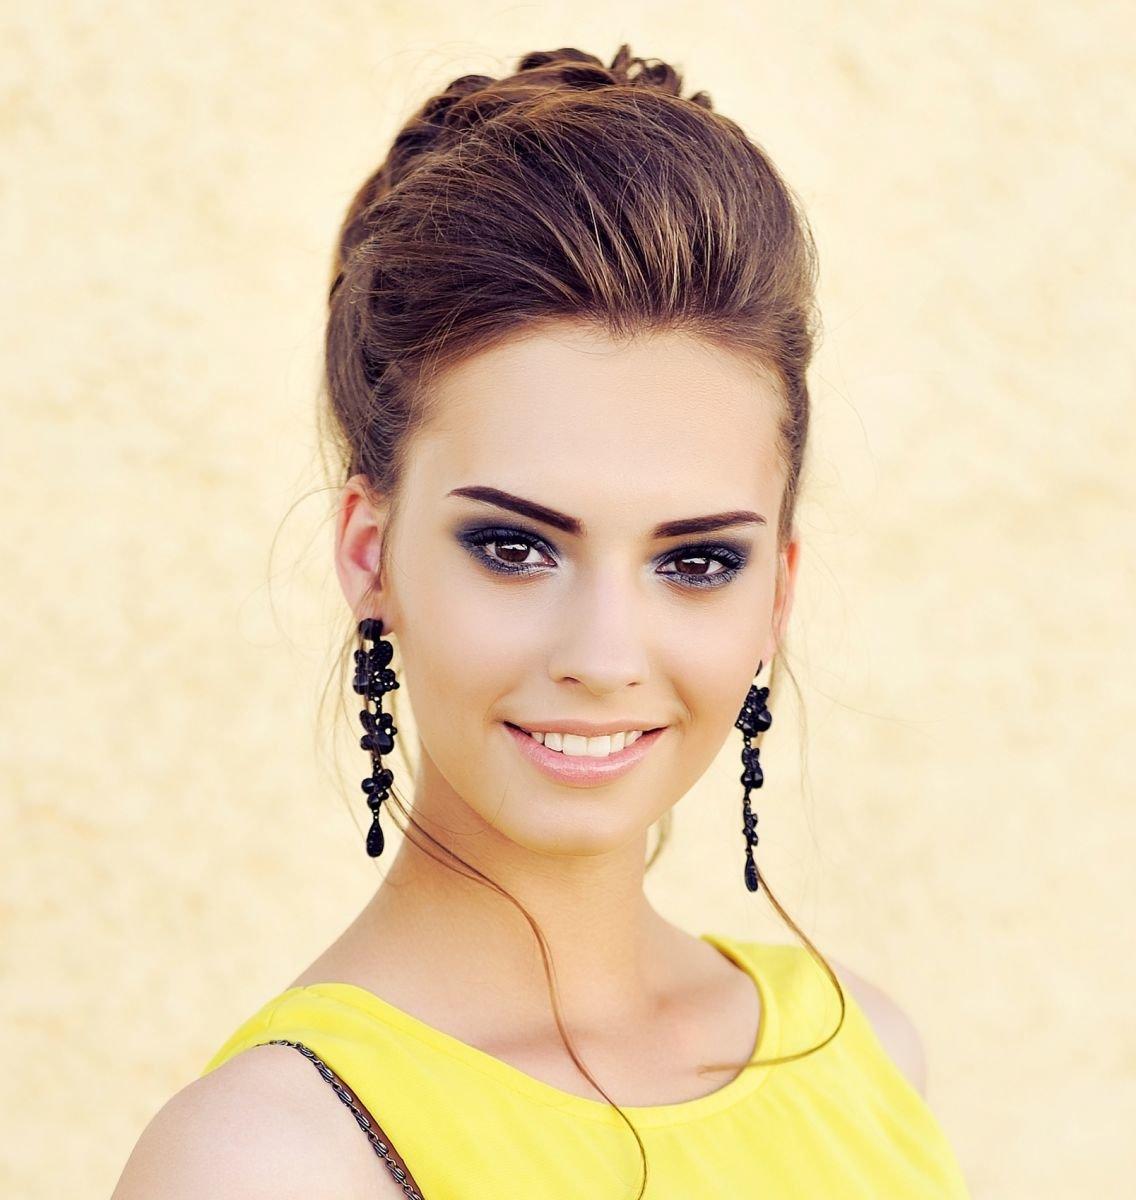 Макияж карие глаза желтое платье